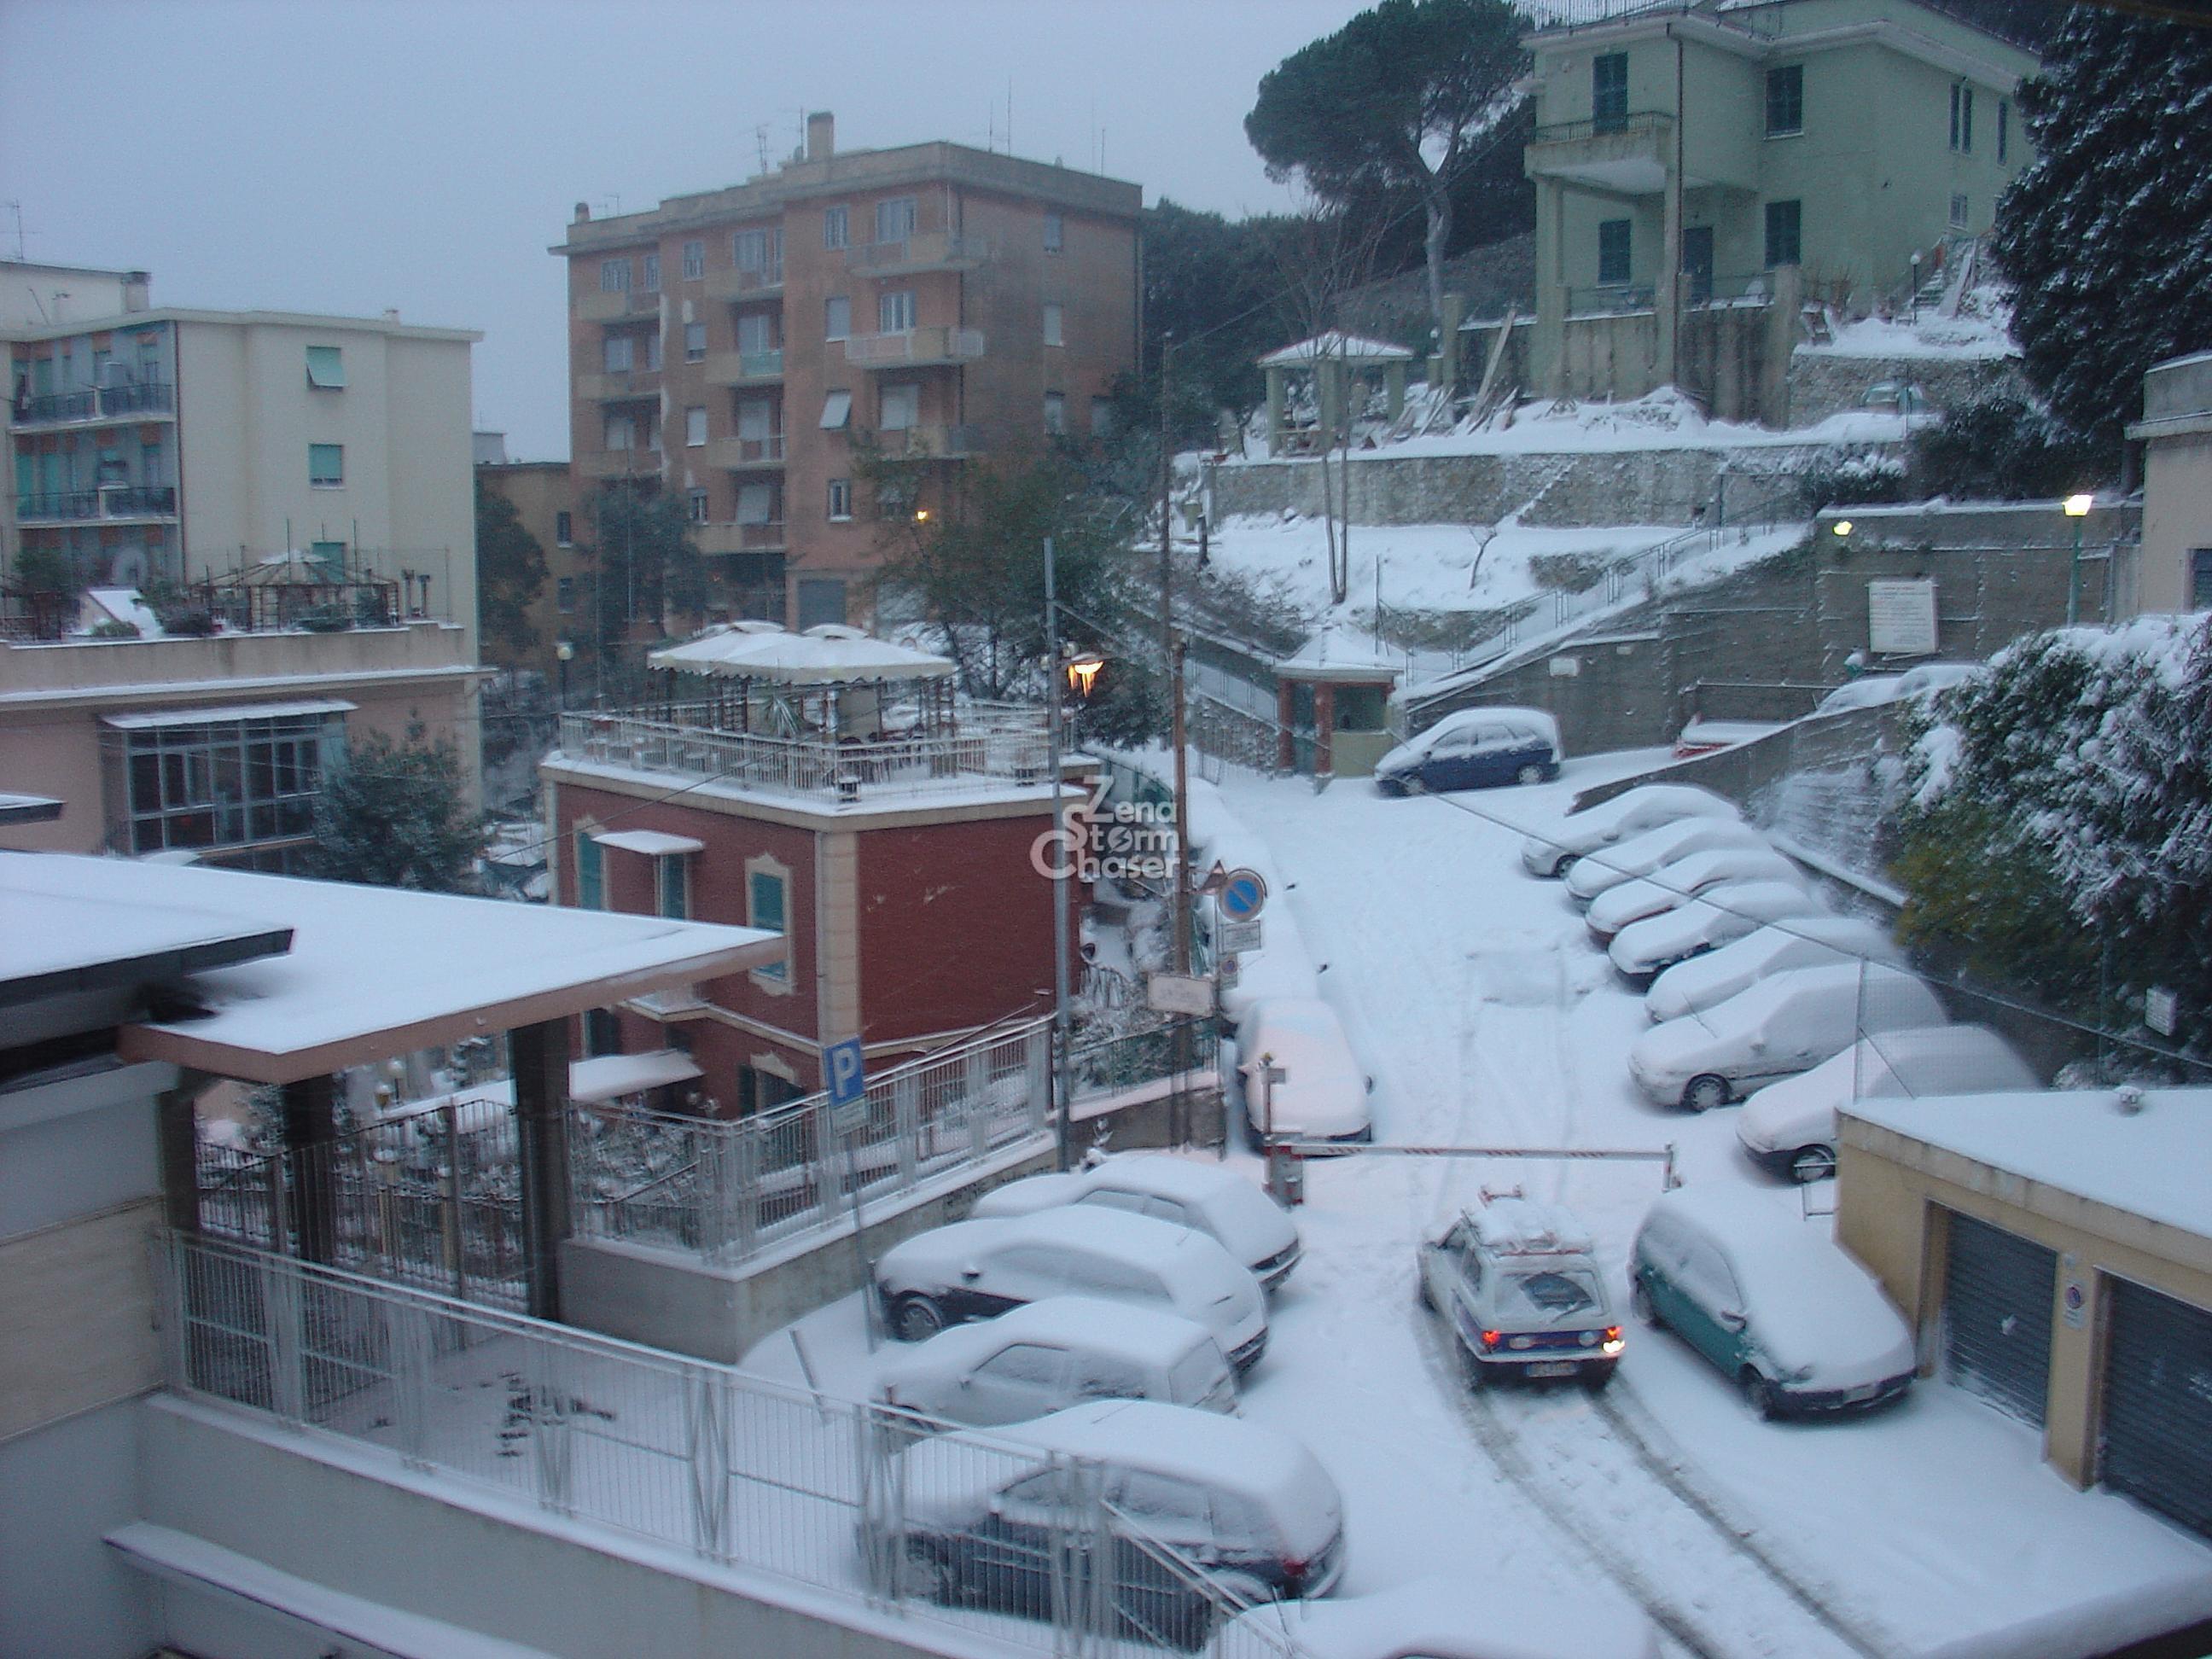 27 gennaio 2006 (1) nevicata